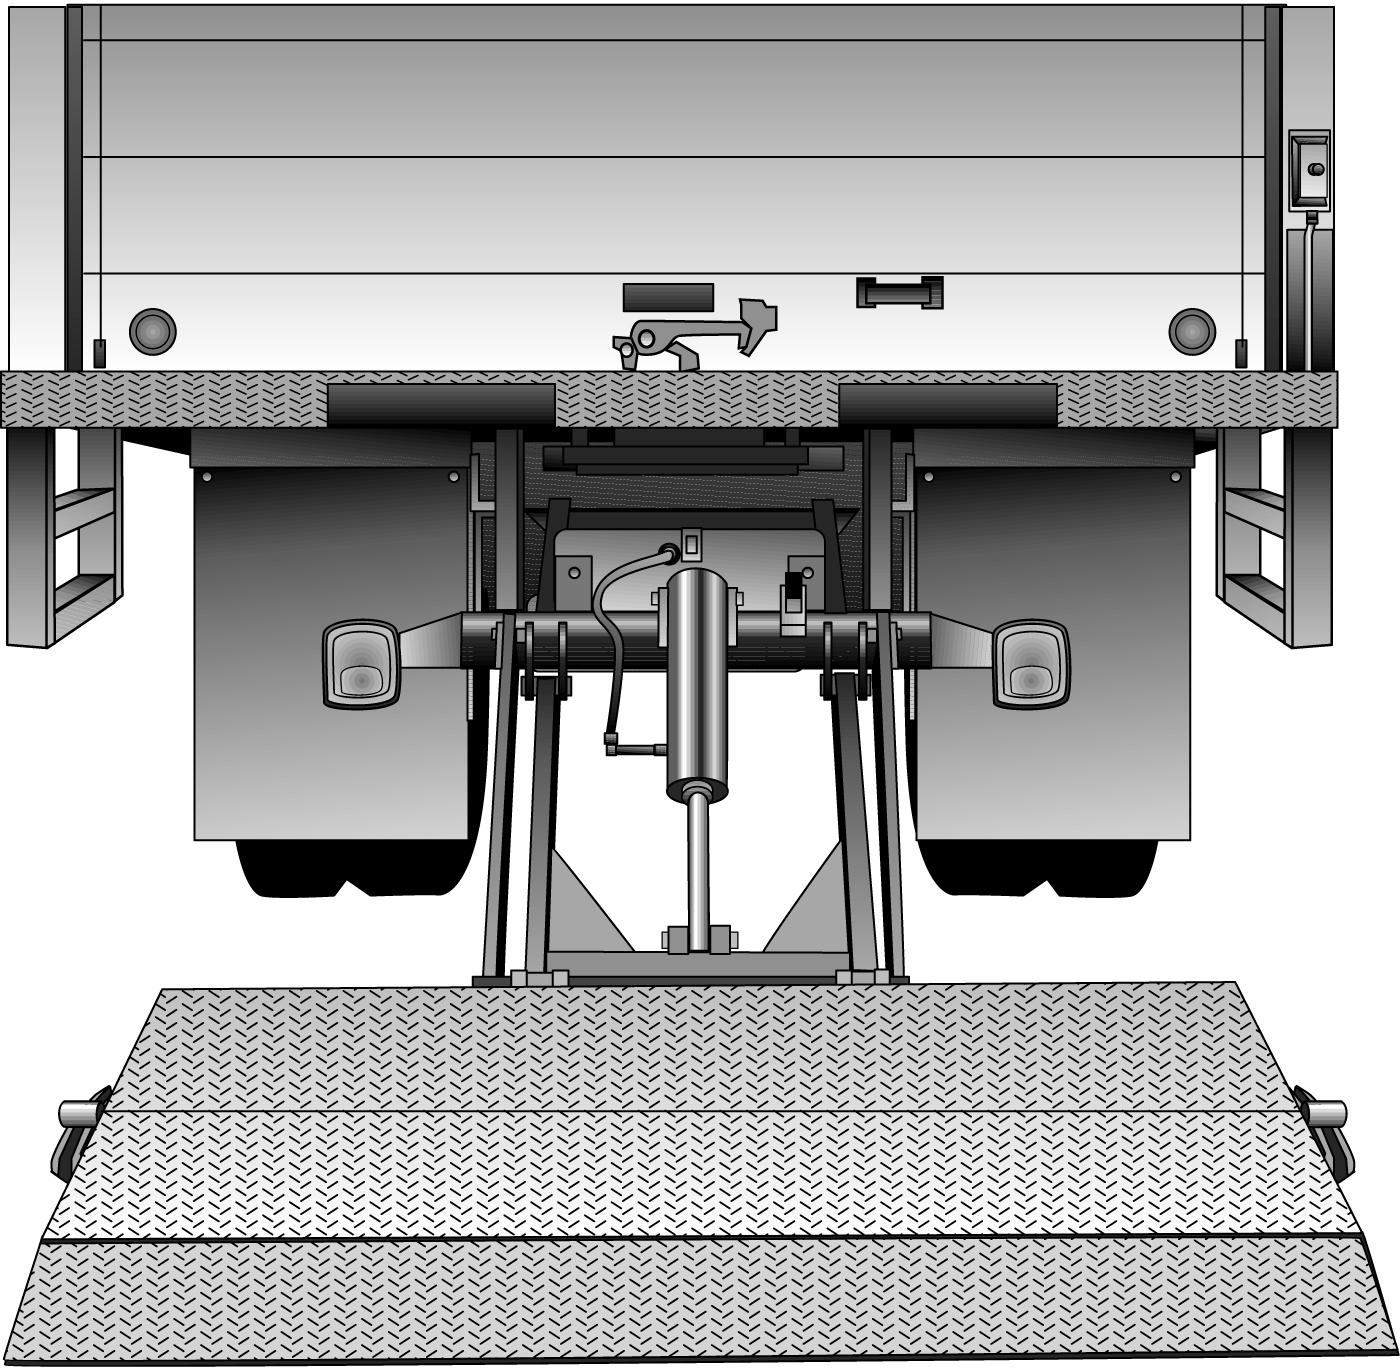 100 Maxon Liftgates Manuals – Leyman Liftgate Wiring Diagram